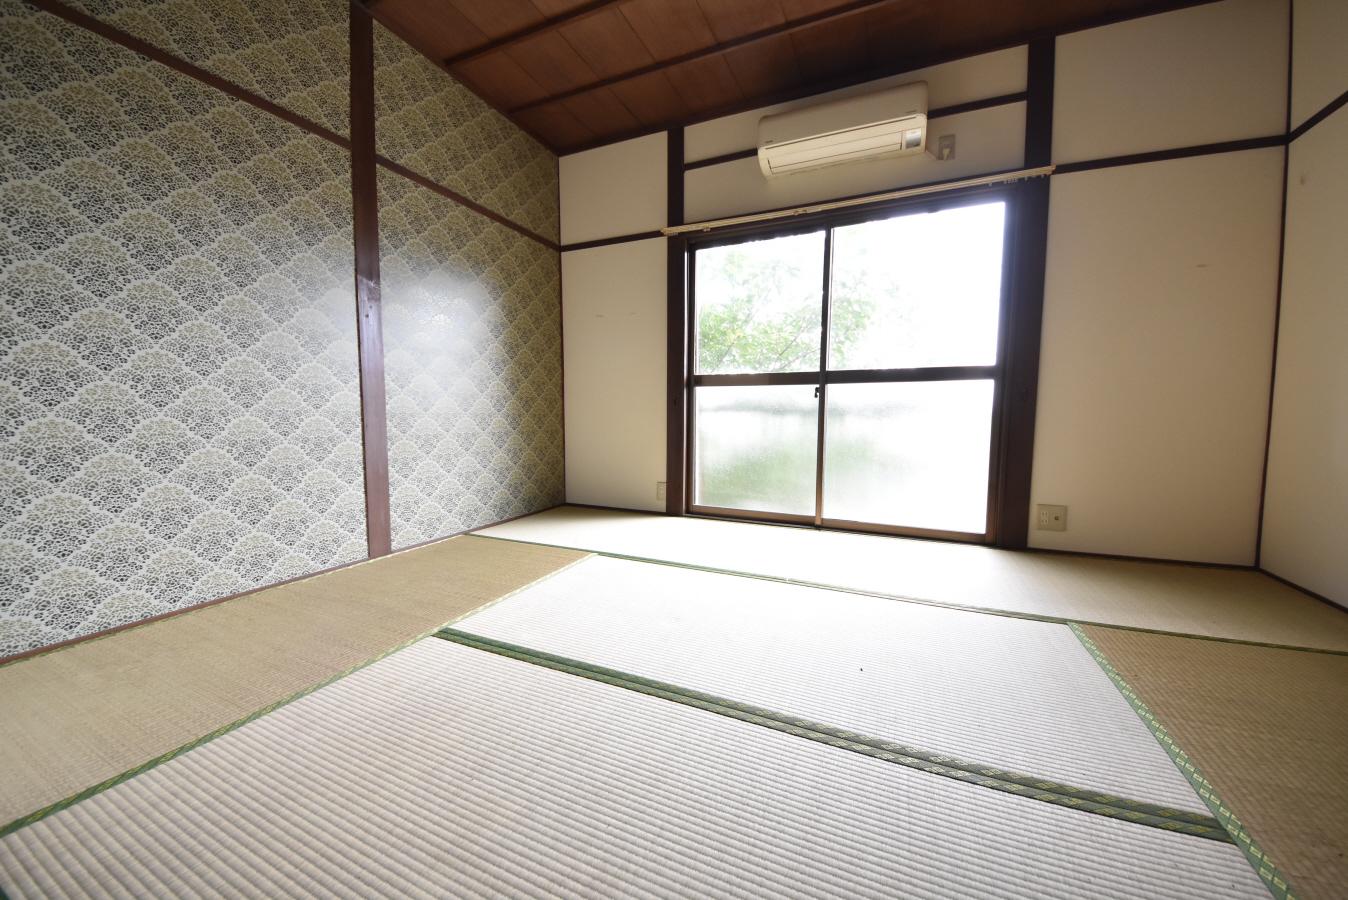 物件番号: 1025856519 サンシャイン山ノ手  神戸市中央区山本通4丁目 2DK アパート 画像1